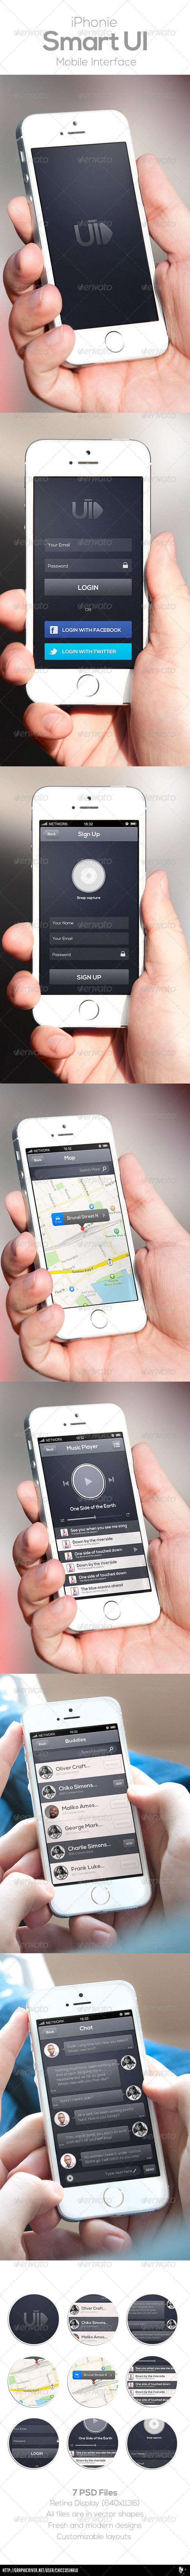 GraphicRiver Smart Mobile UI 7396035